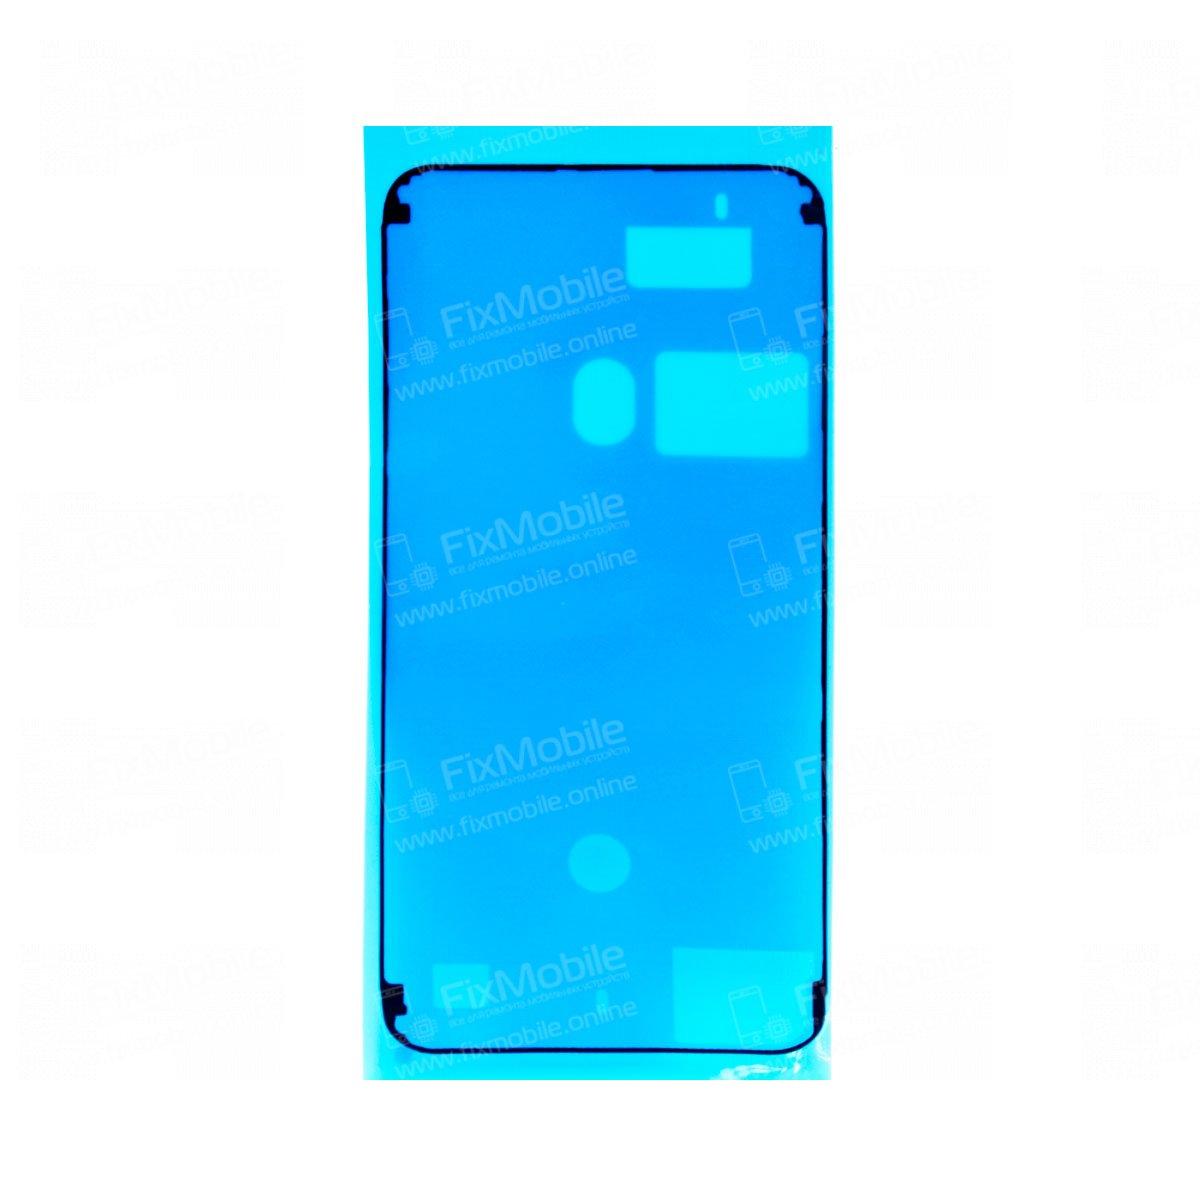 Скотч для сборки Apple iPhone 7 Plus водонепроницаемый (черный)